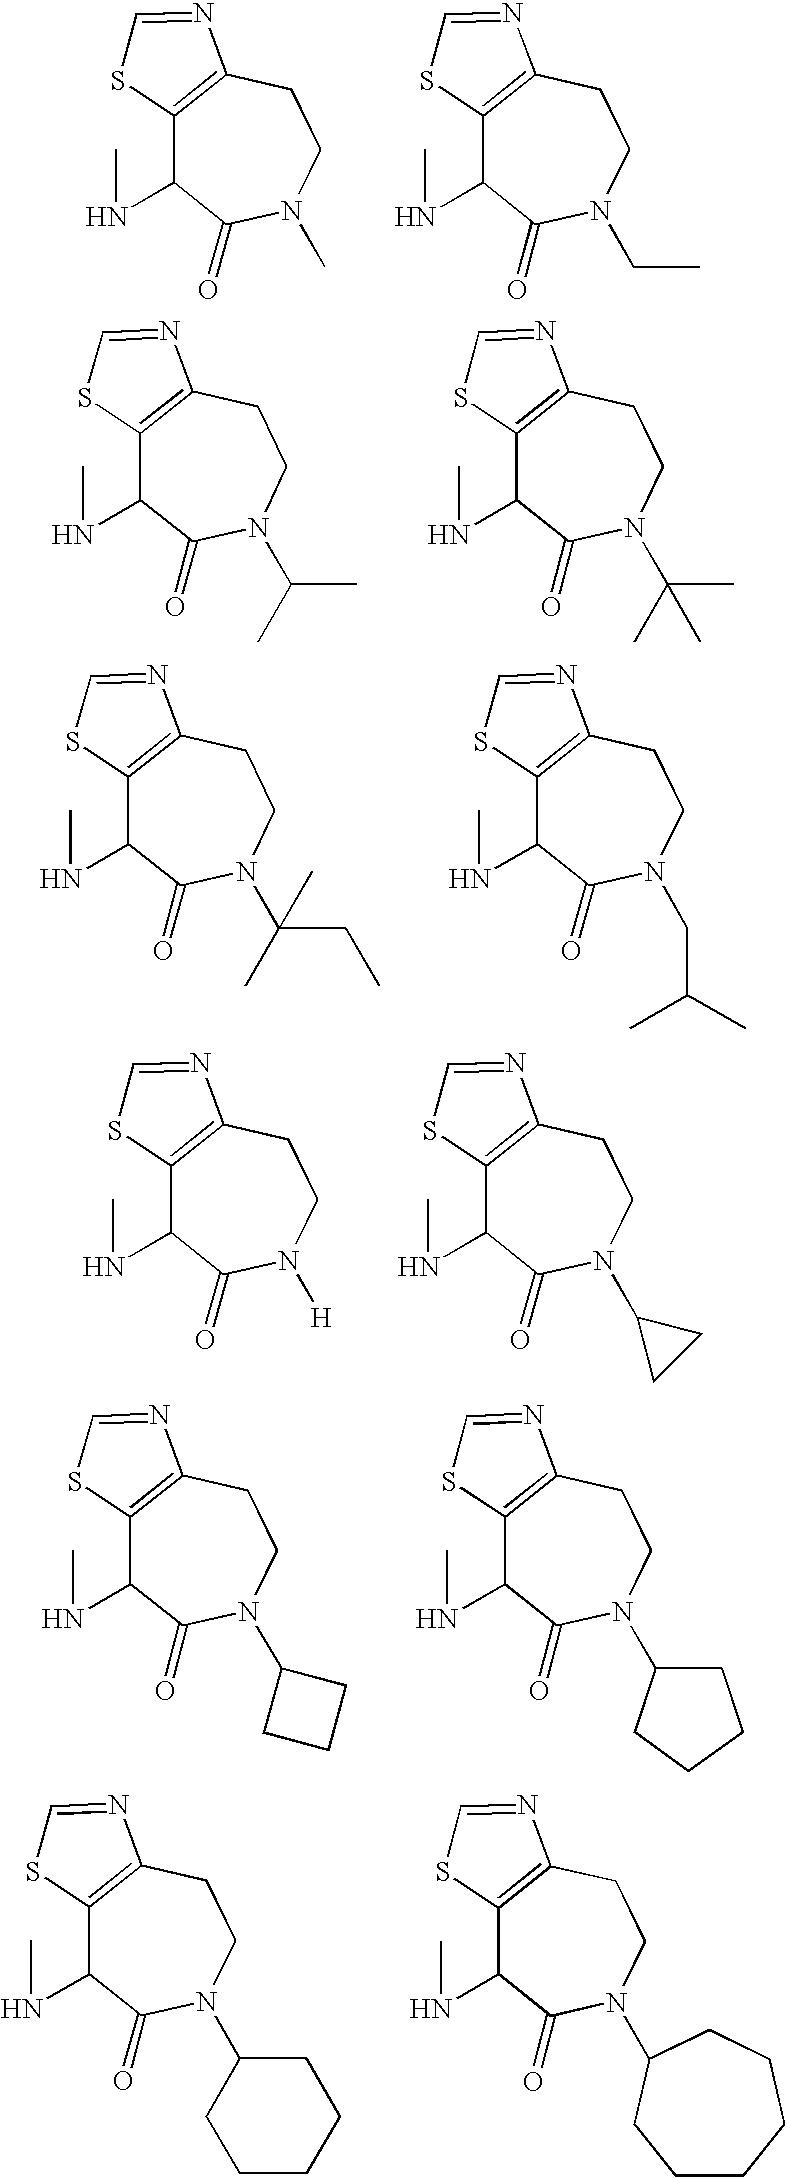 Figure US06509331-20030121-C00064